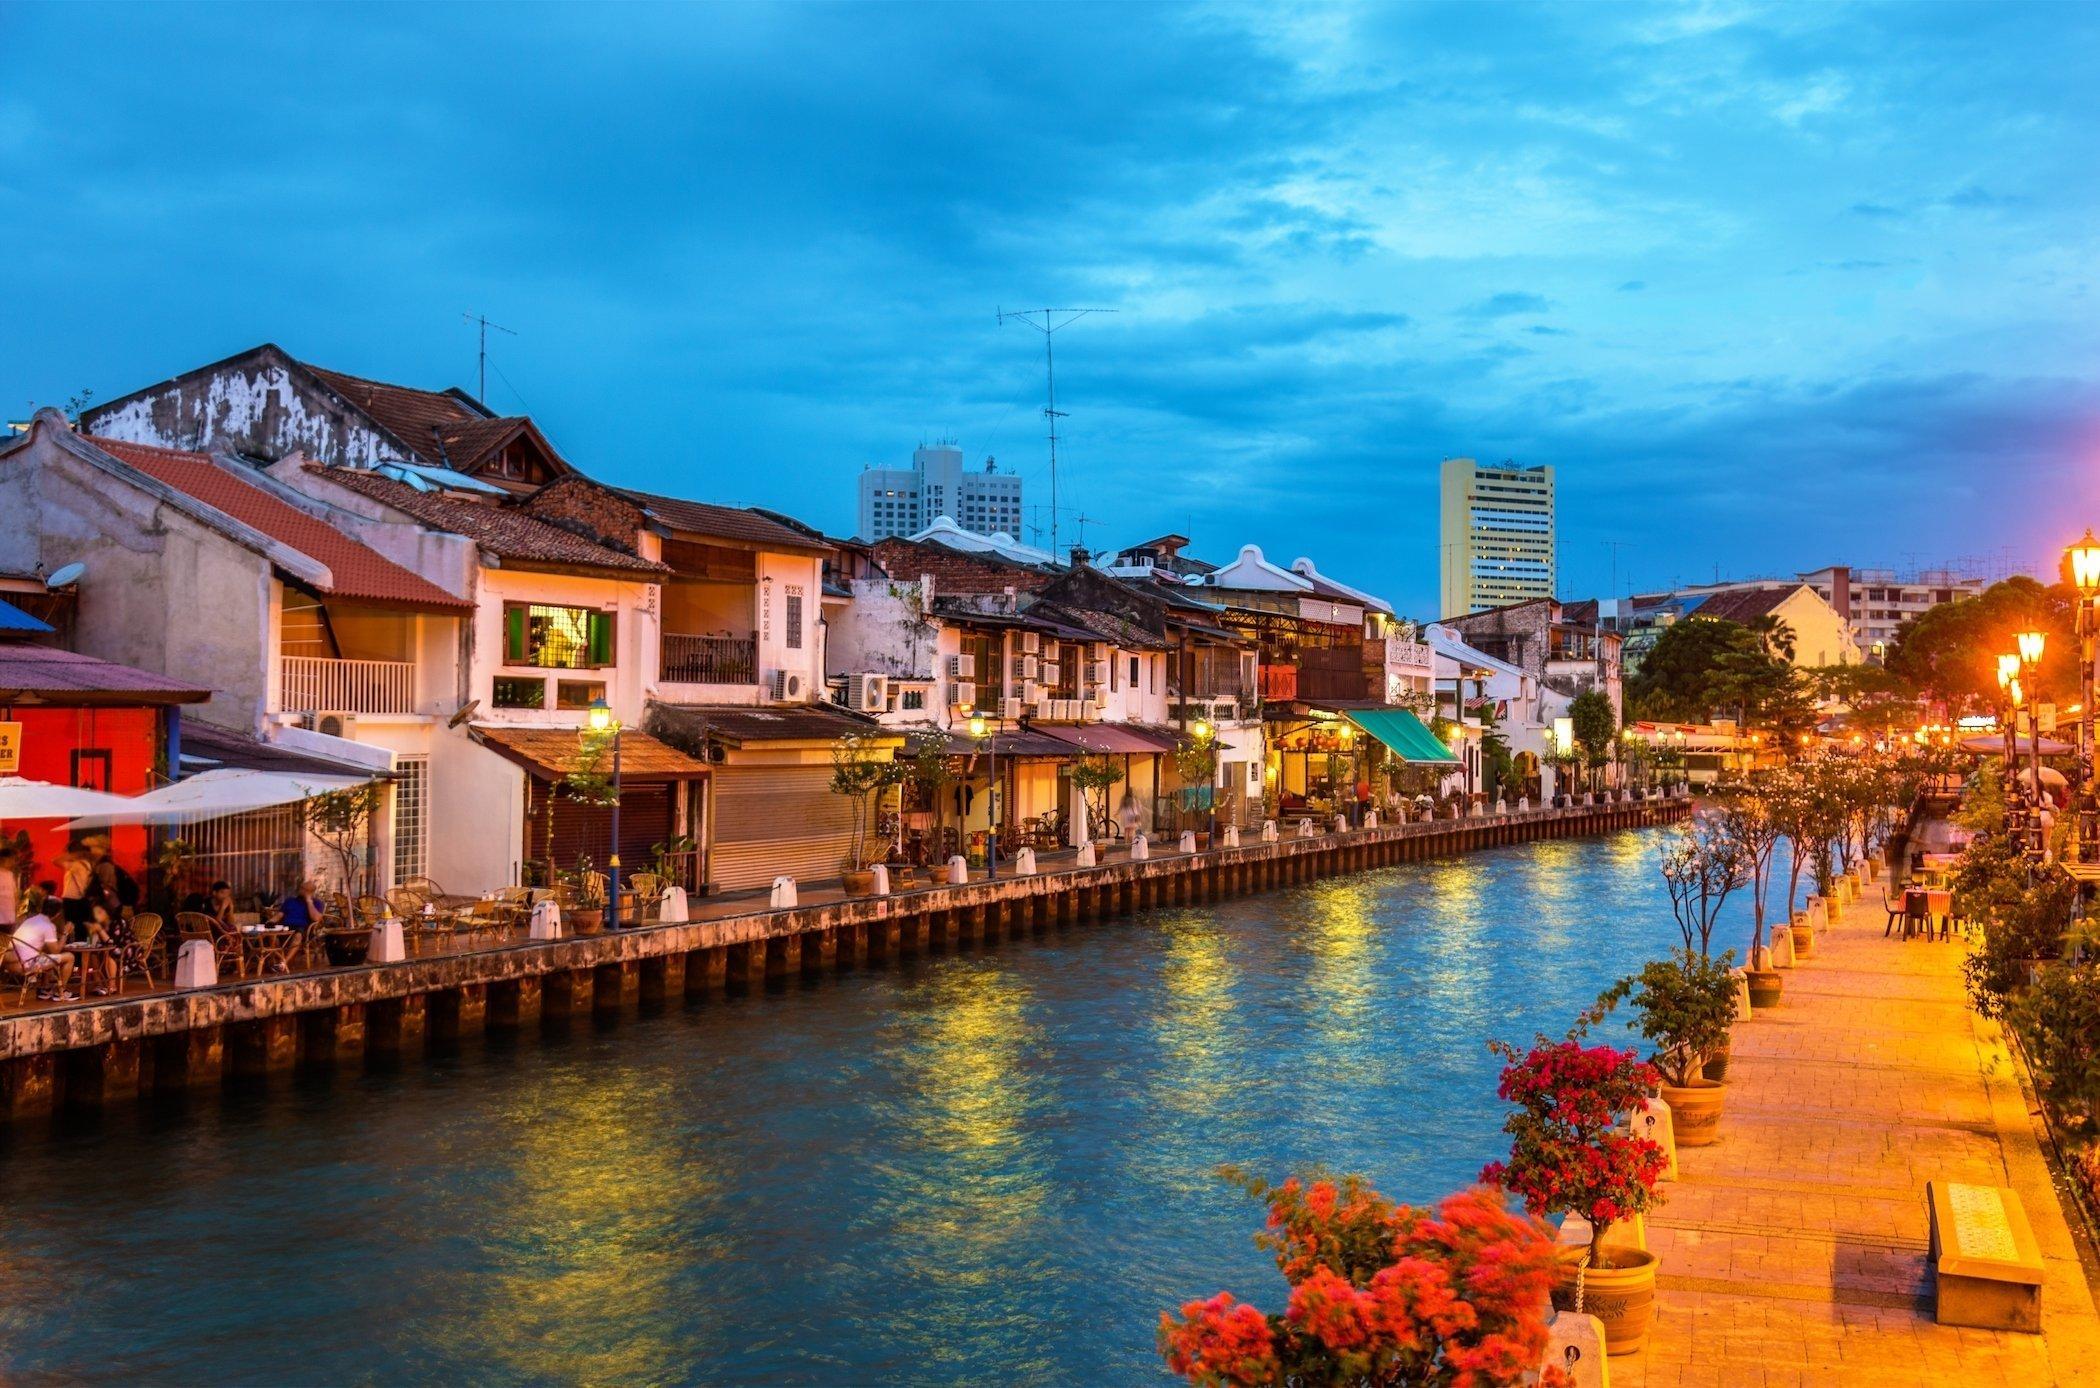 Crociera al tramonto lungo i canali di Malacca, Malesia